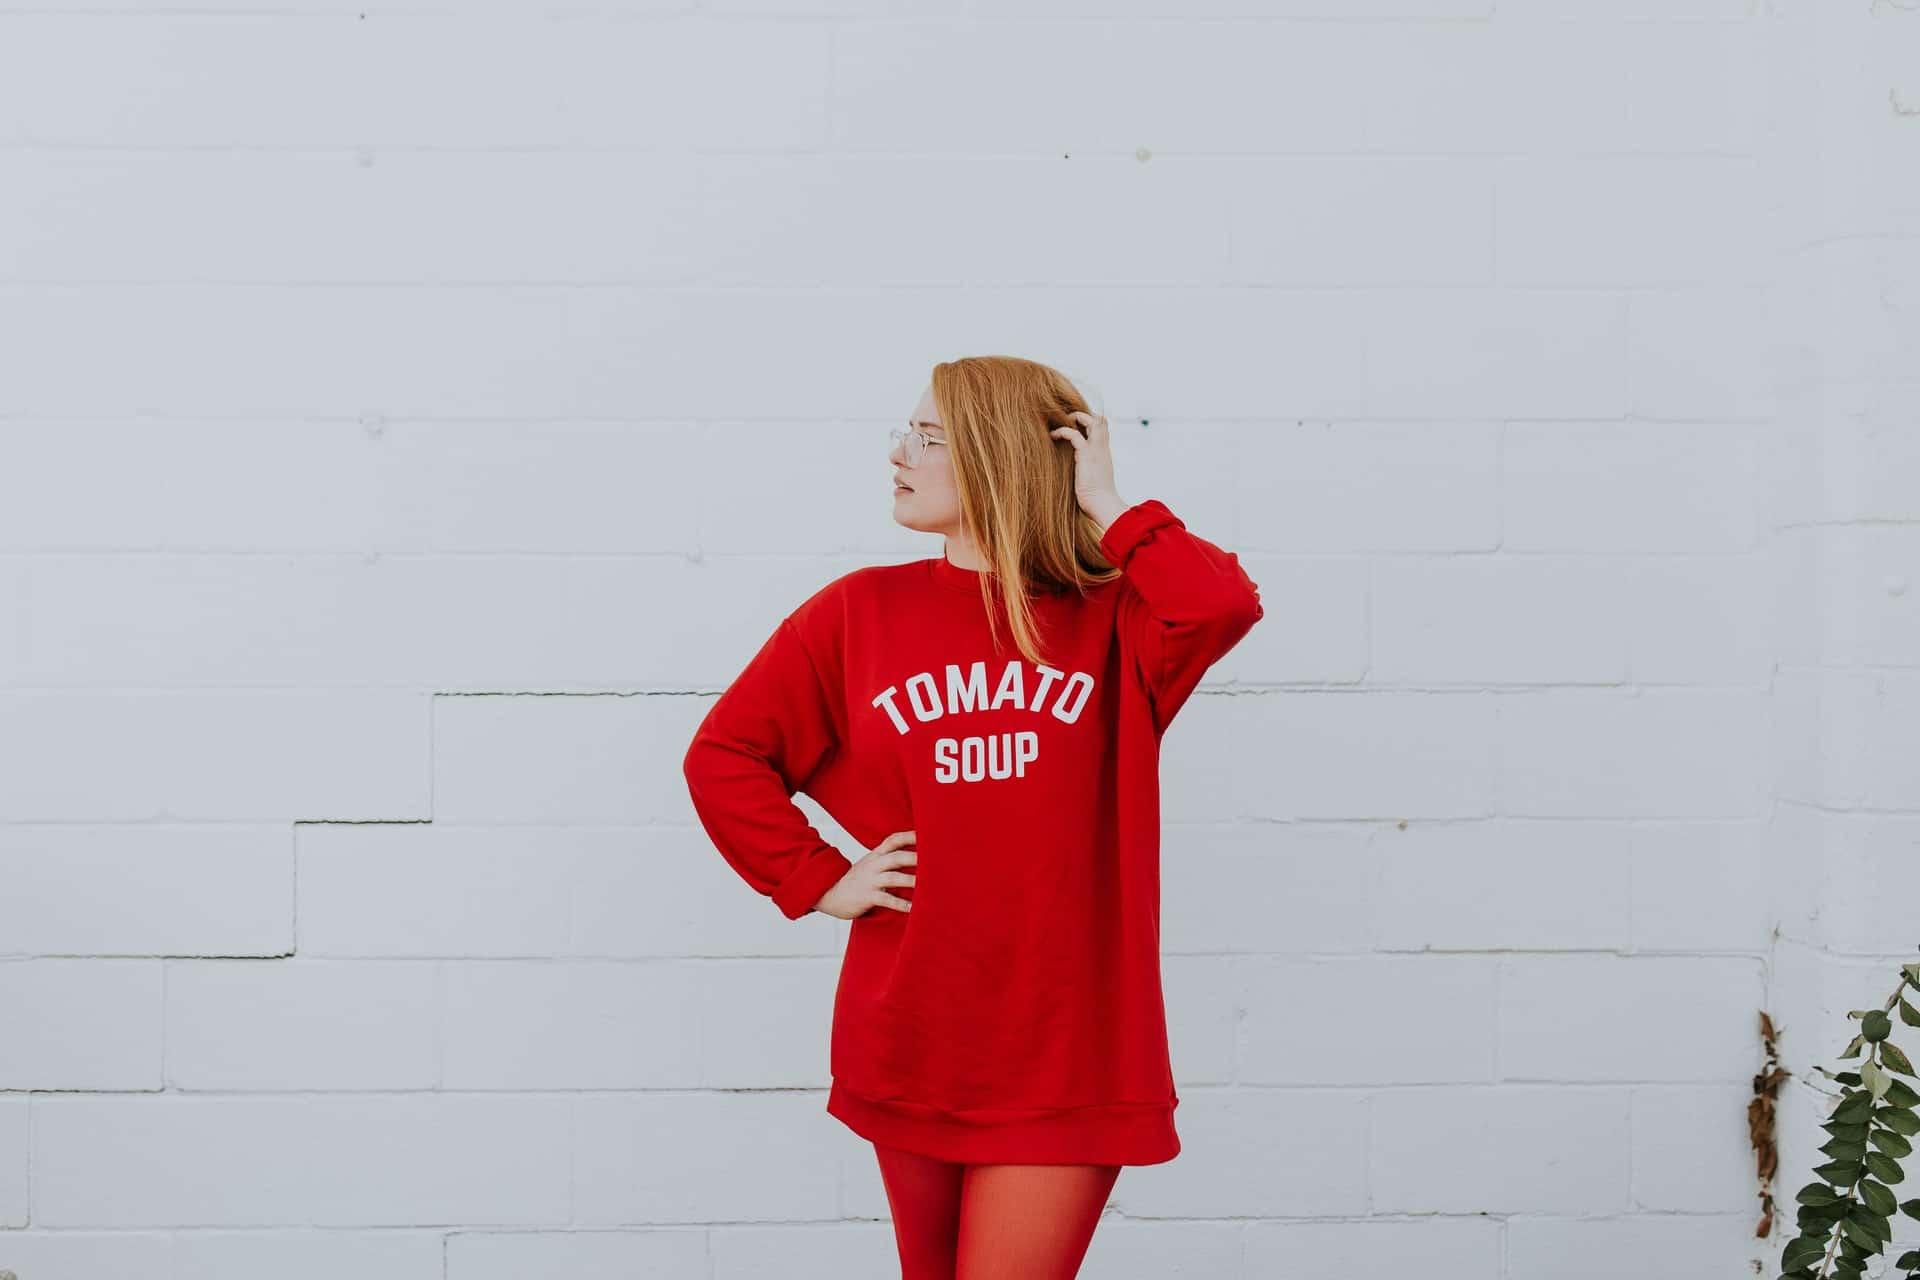 Menggunakan Model untuk Foto Produk Fashion - Shaniba Creative Industry Studio Fotografi Foto Produk, Foto Profil Bisnis, dan Editing Foto High End Retouching